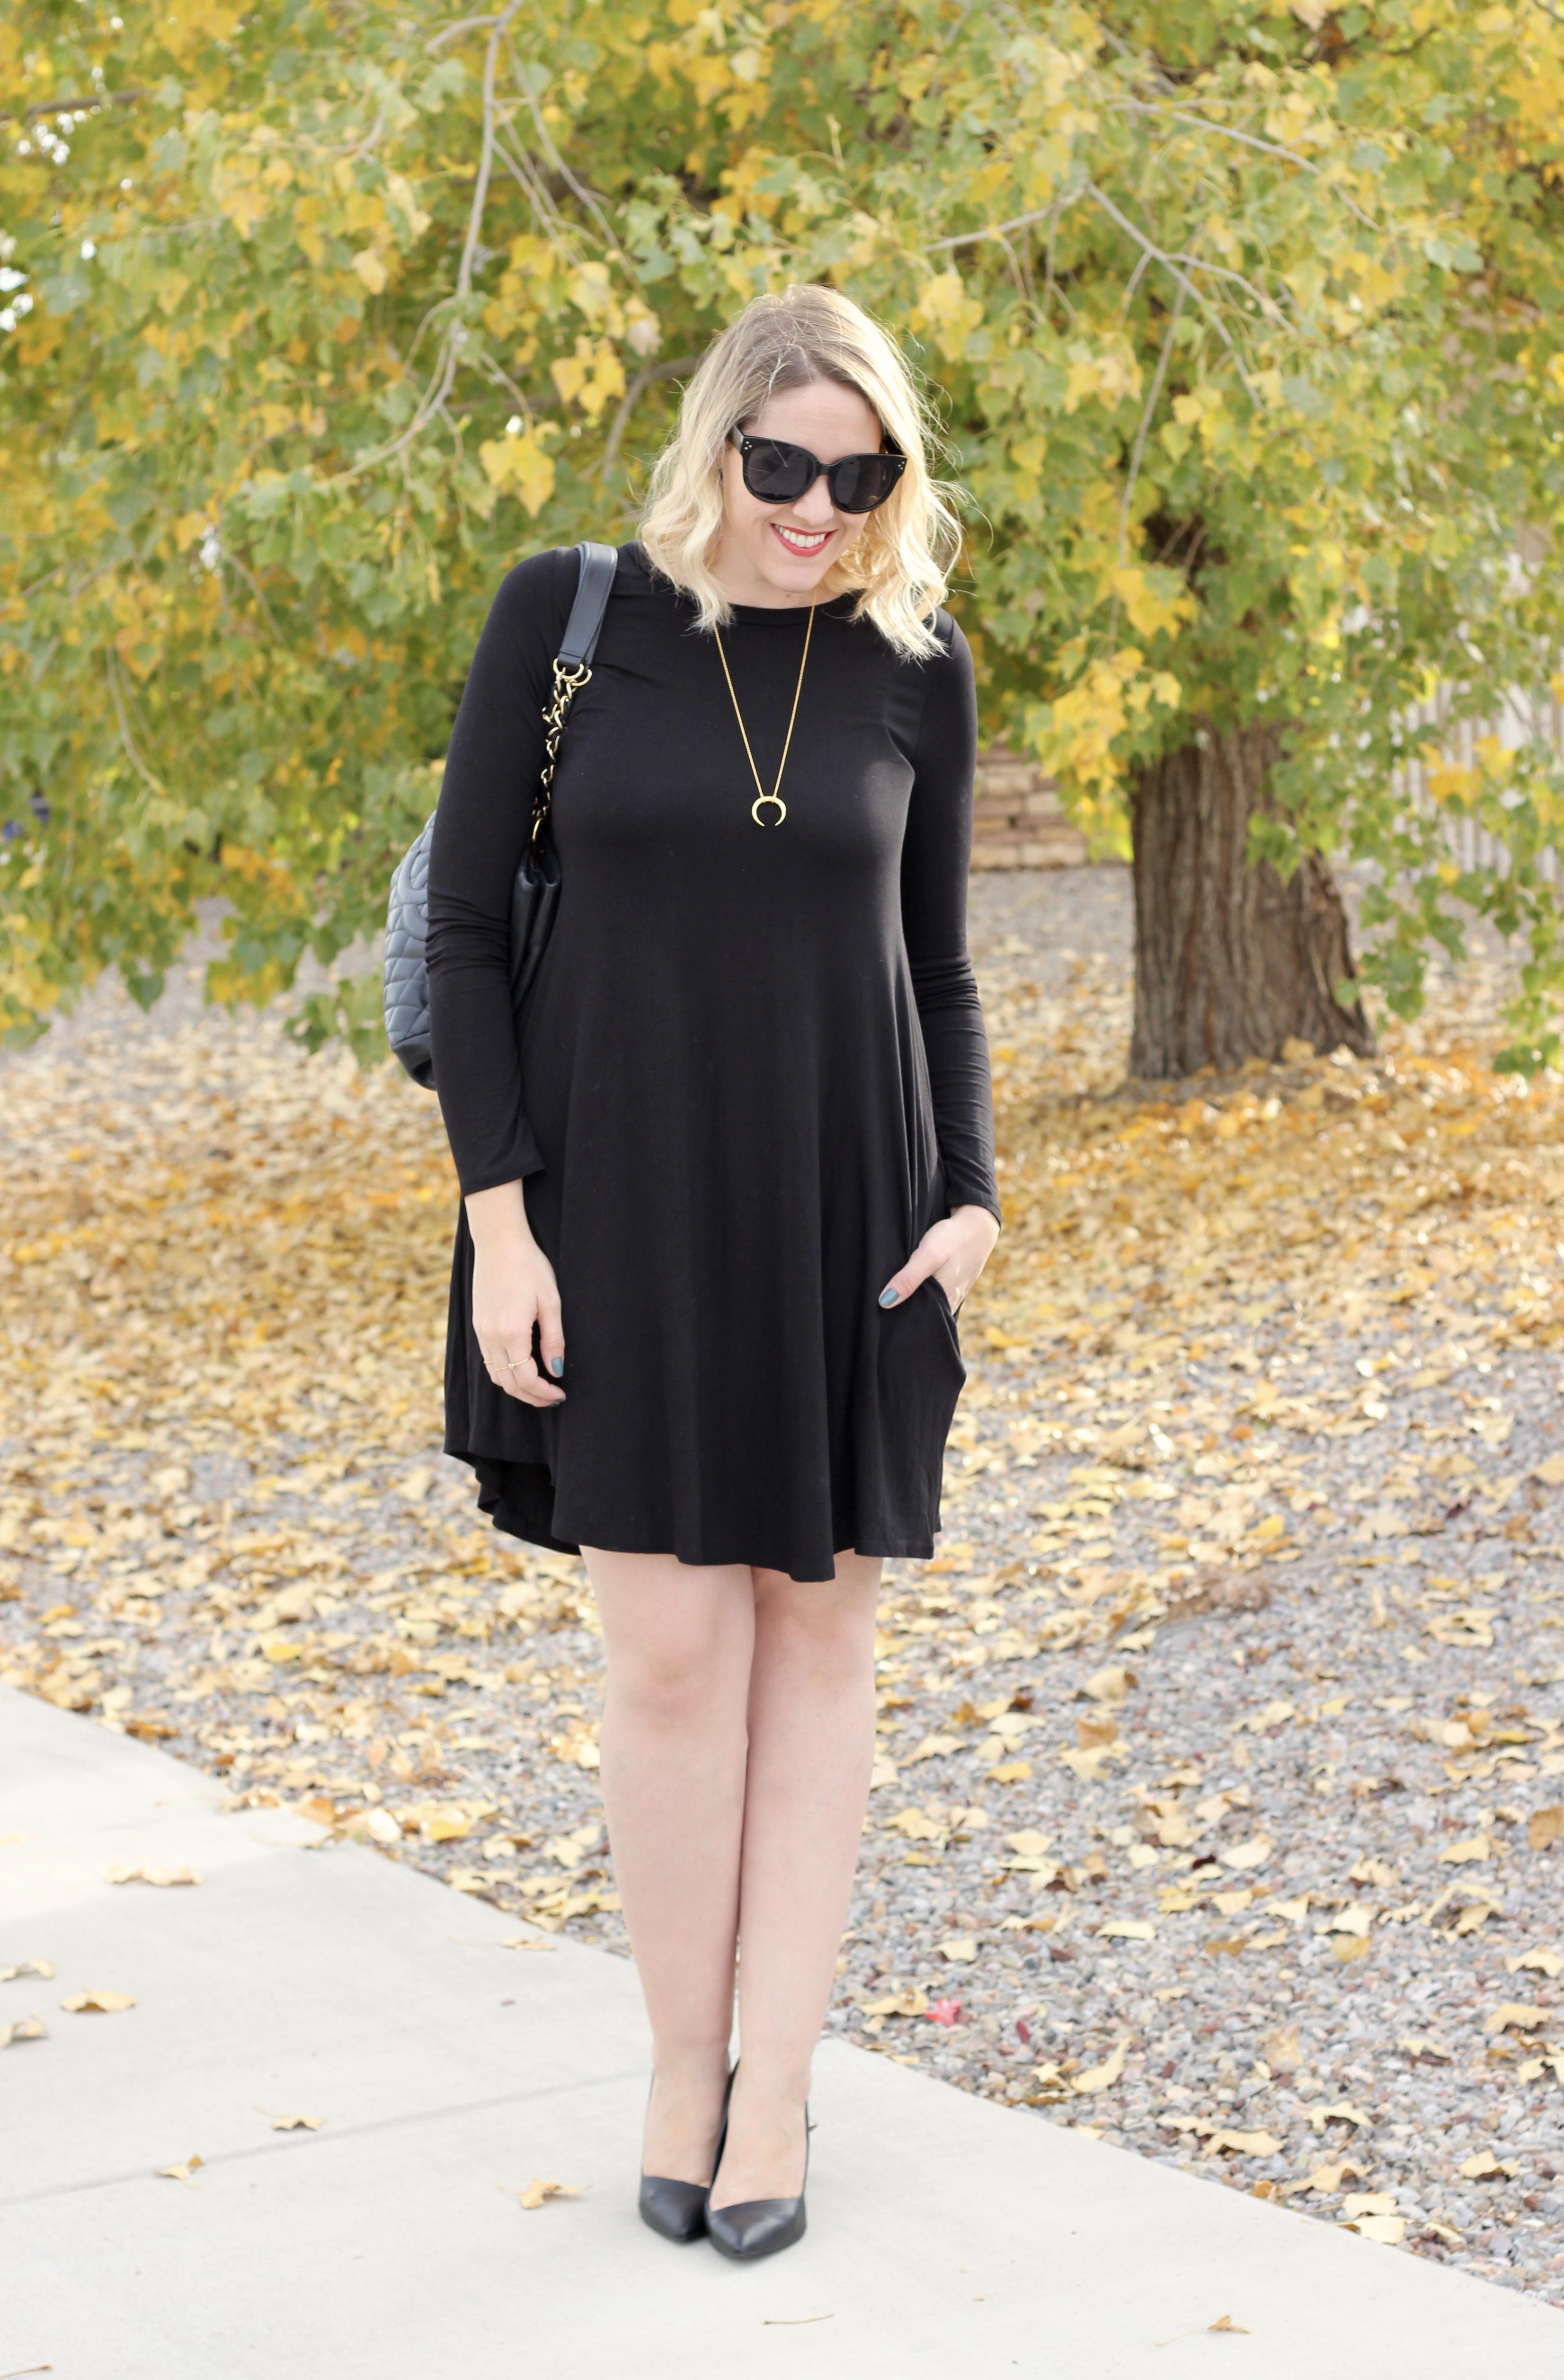 black dress for tall girls #blackdress #lbd #littleblackdress